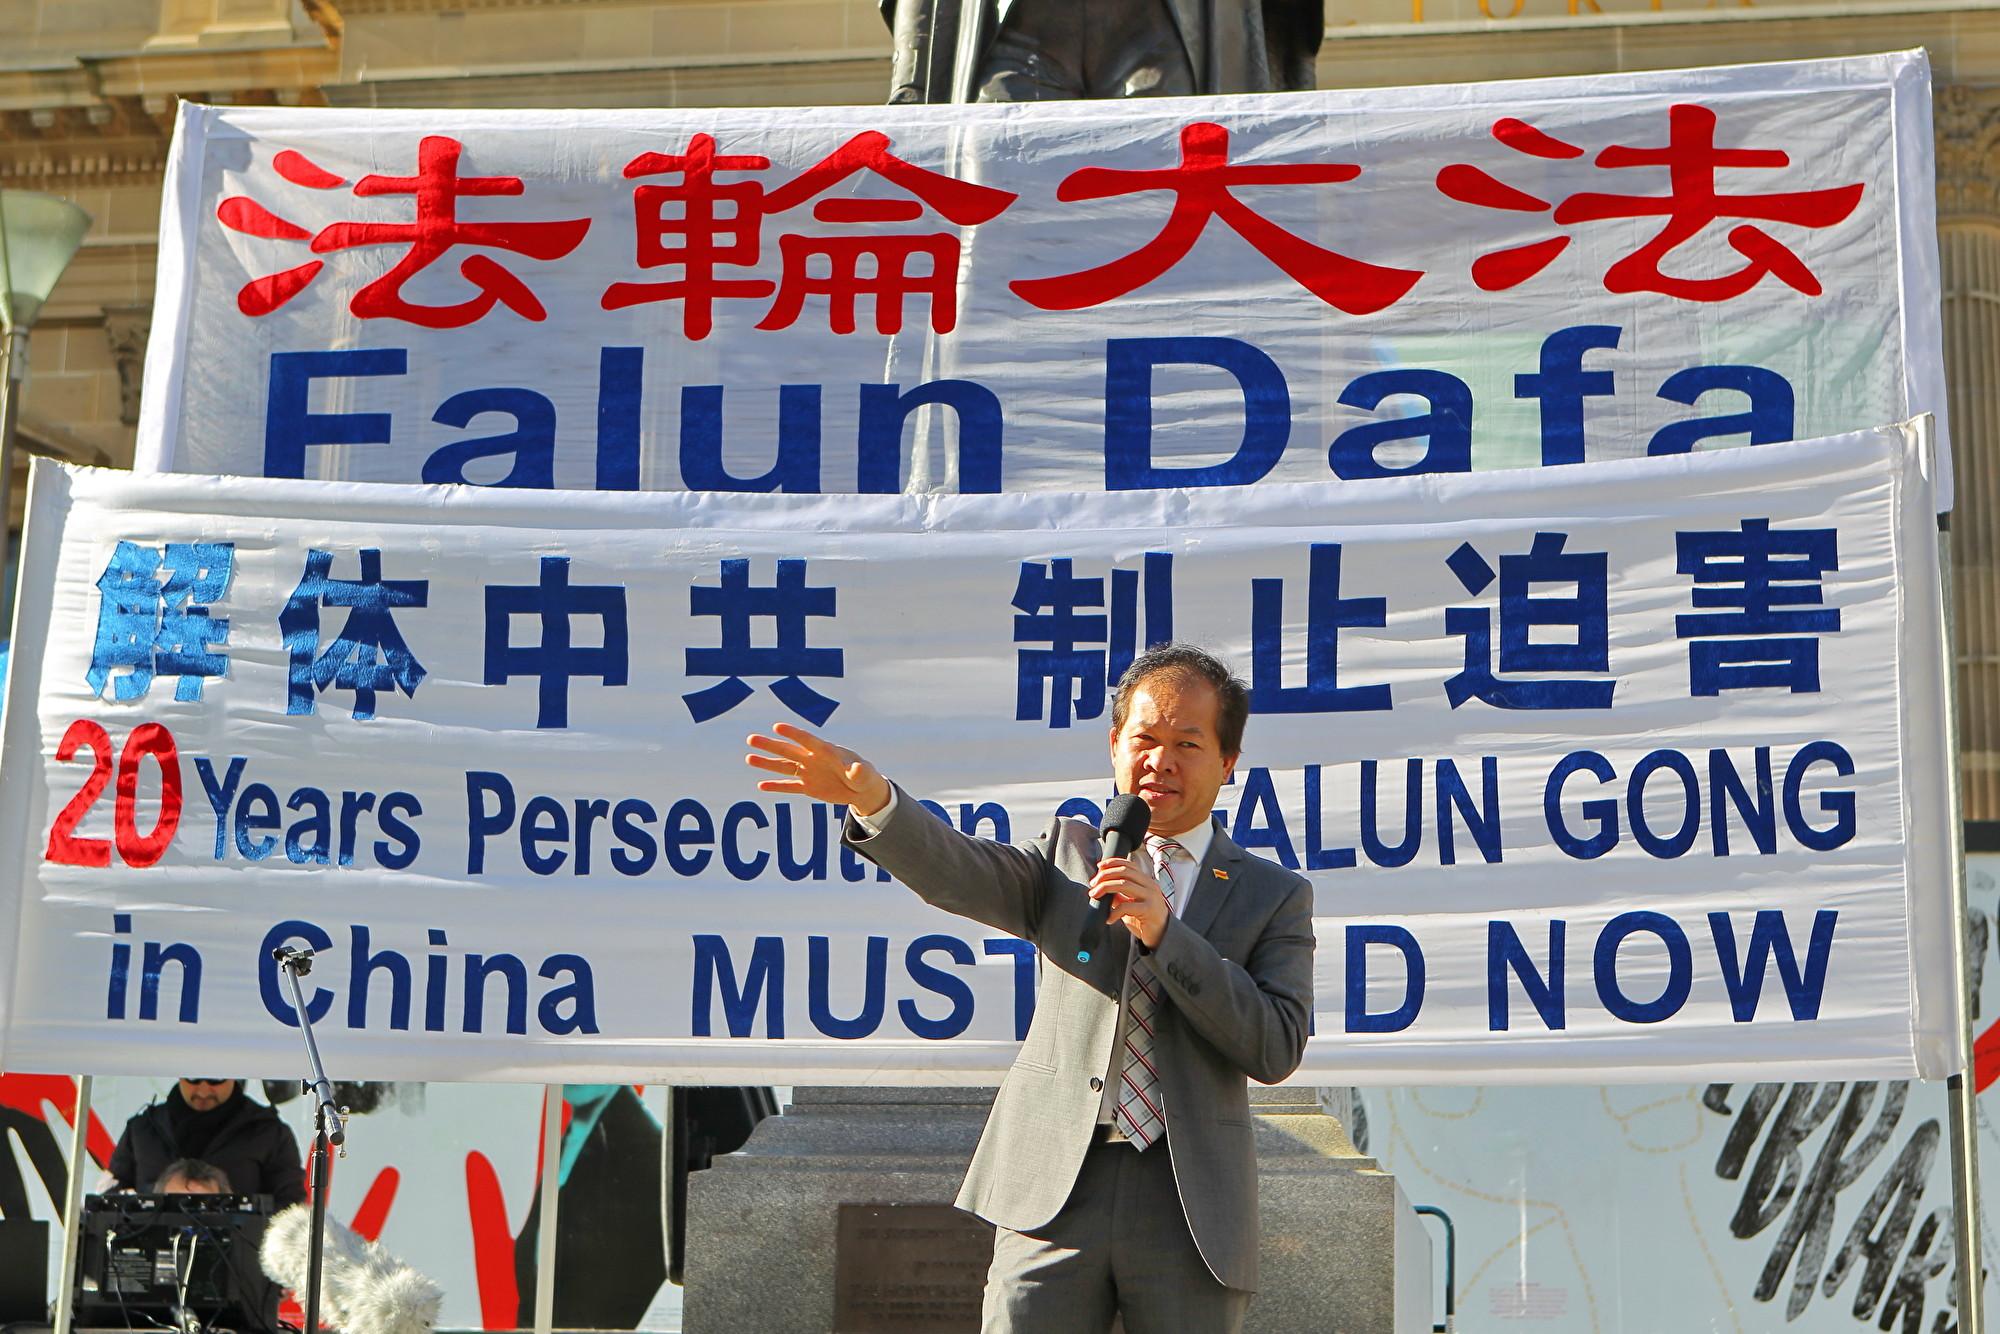 澳洲越南社區協會主席阮本(Bon Nguyen)表示,中共的發展是建立在非人道價值觀上的。(陳明/大紀元)